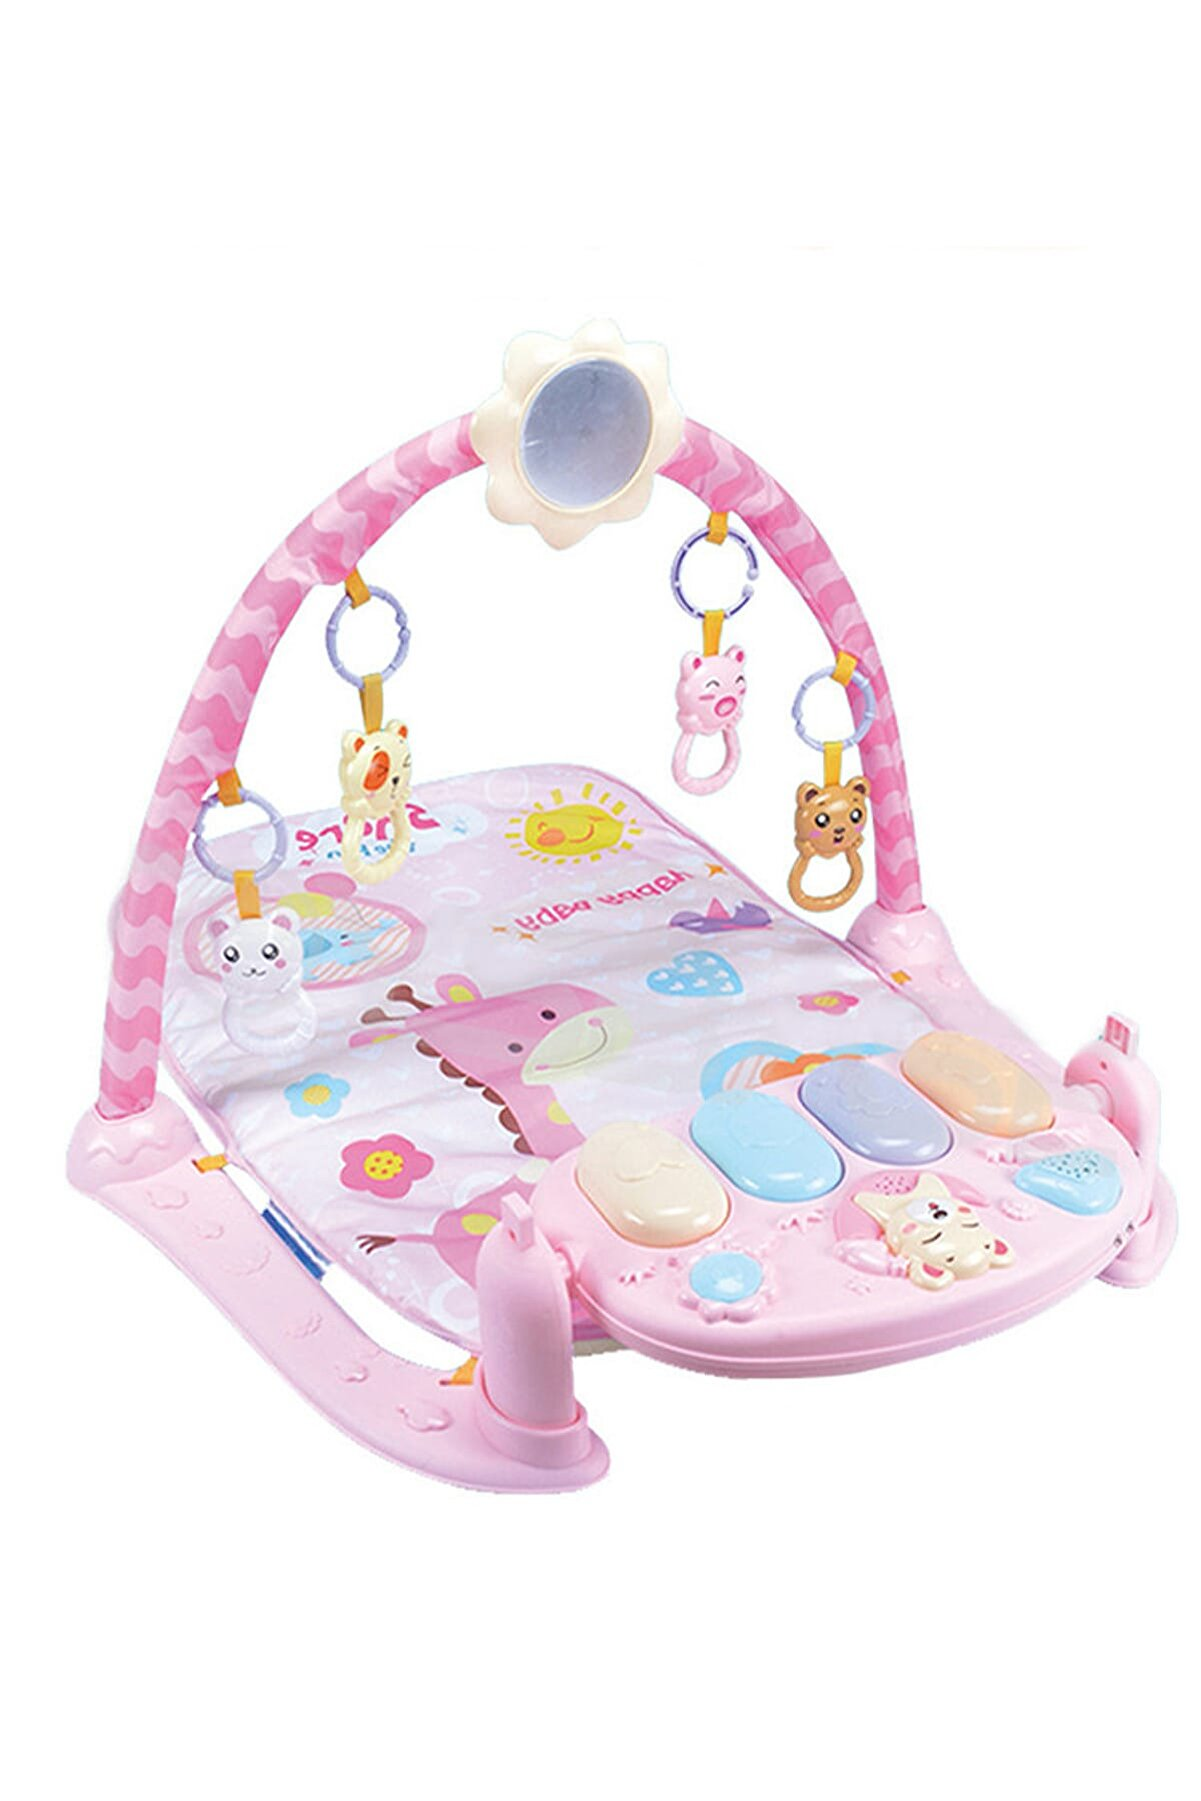 BabyLondy Viva Büyük Boy Projeksiyonlu ve Piyanolu Bebek Oyun Halısı Eğitici Oyuncak Işıklı Pembe